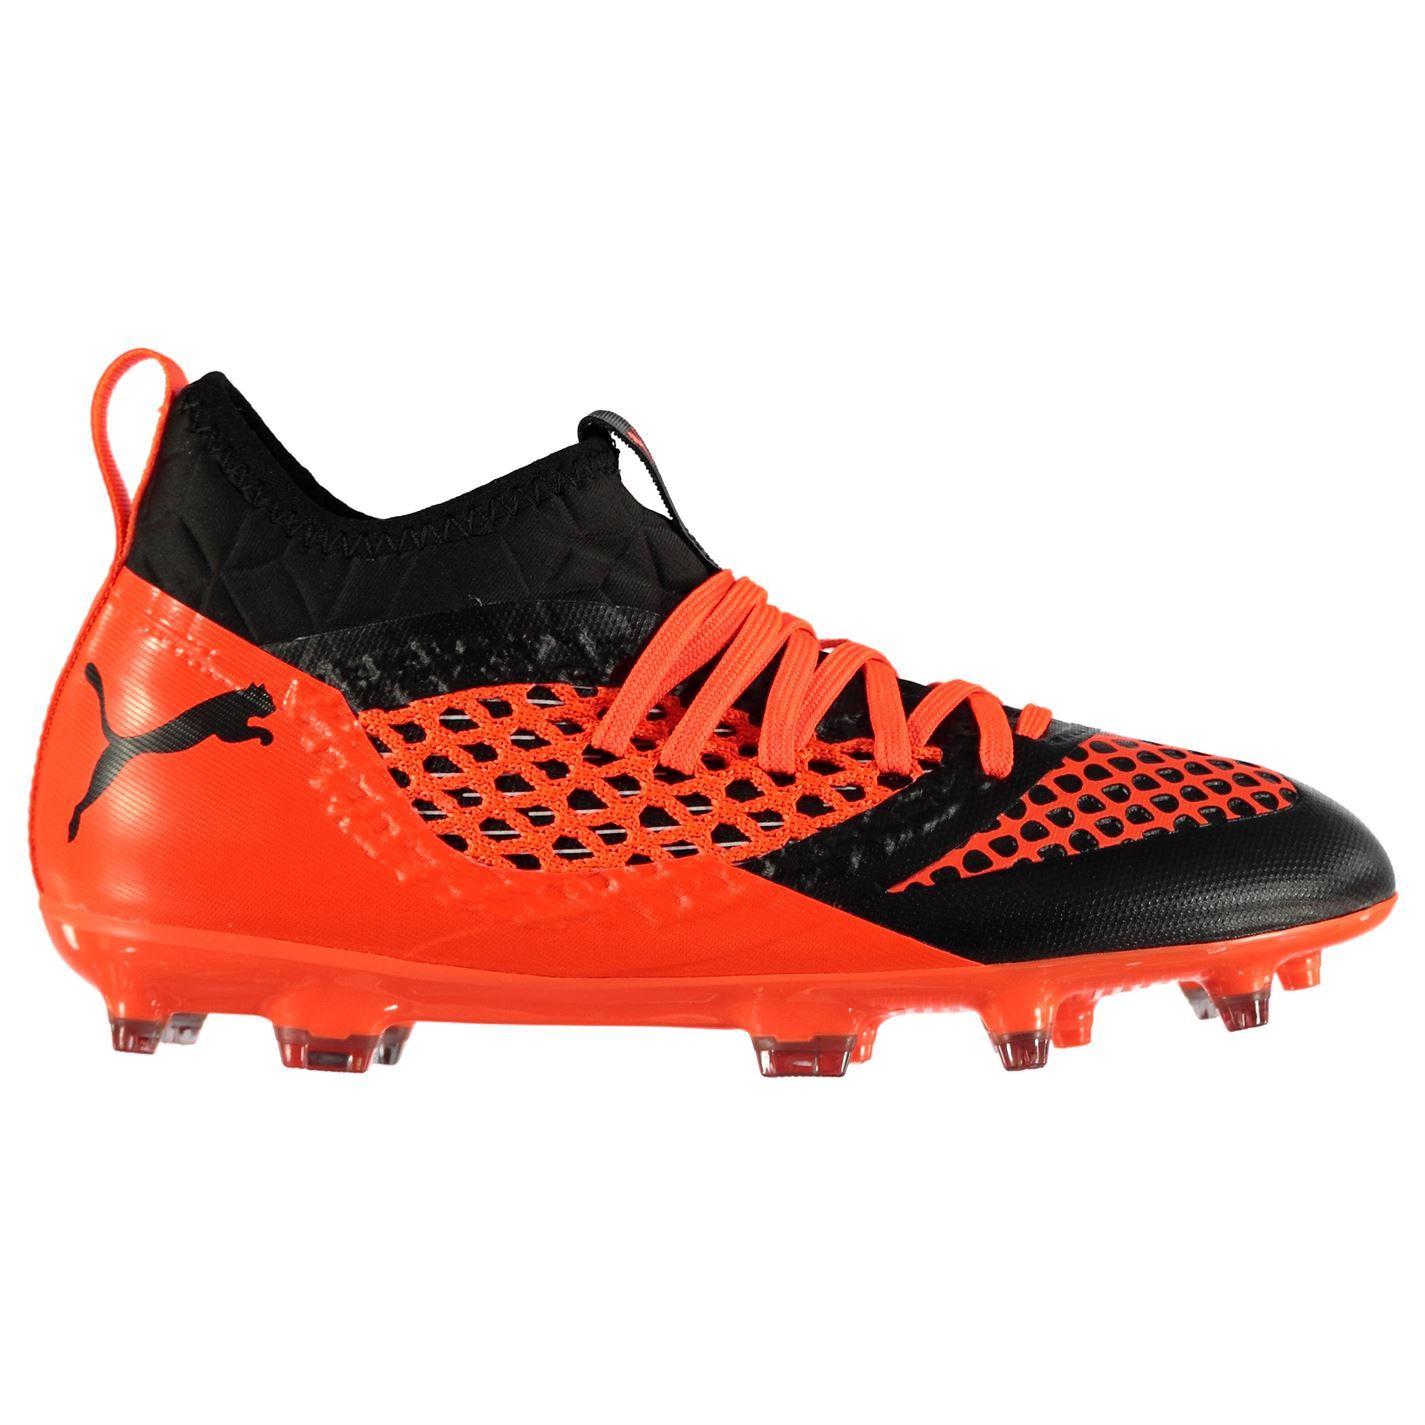 f2f1fb25f ... Puma Future 2.3 FG terra ferma calcio stivali Juniors calcio scarpe  tacchetti ...